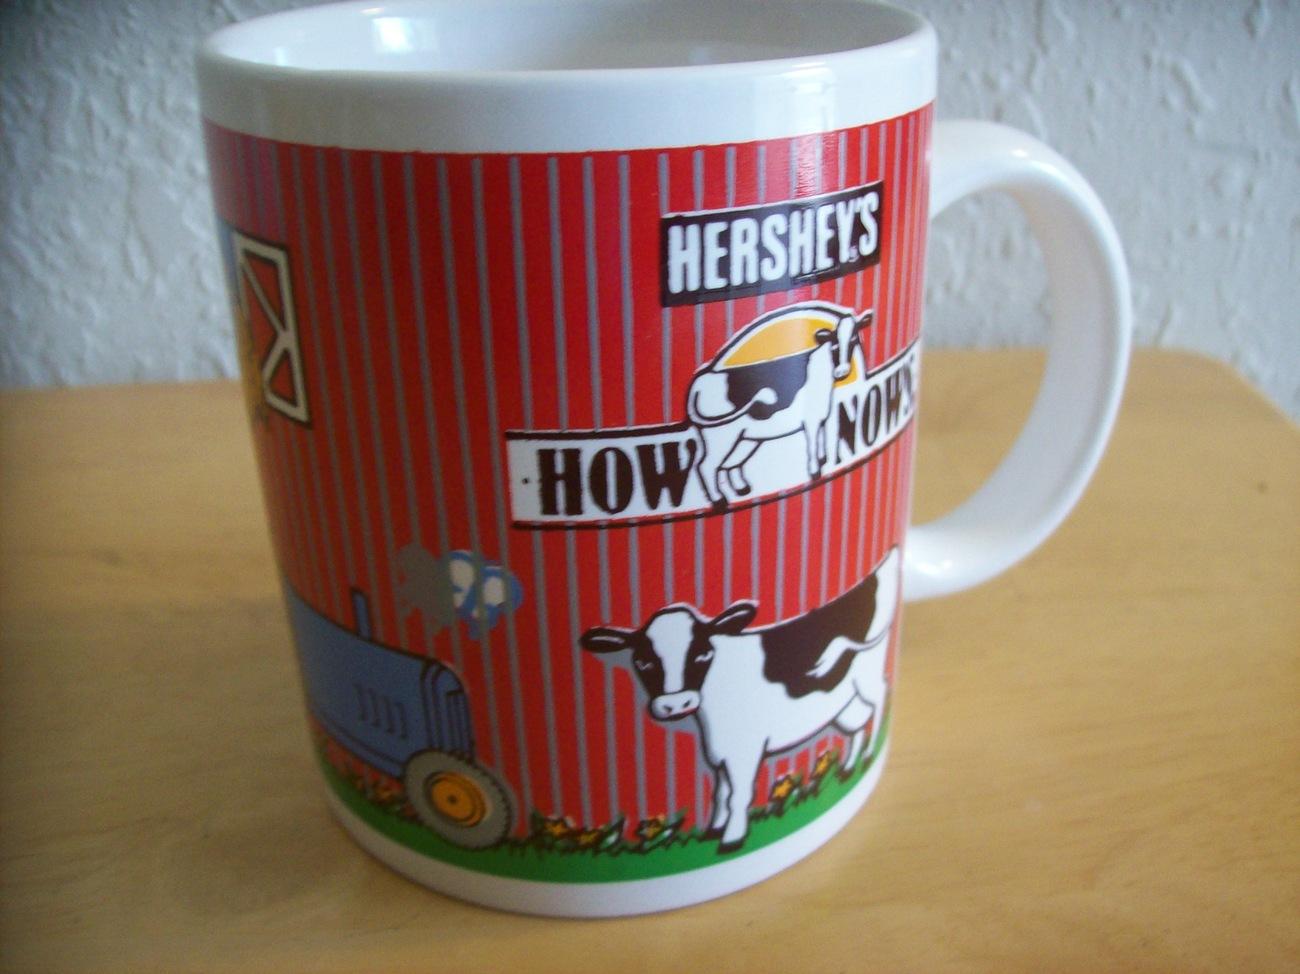 Hershey's Chocolate How Nows Cow Coffee Mug